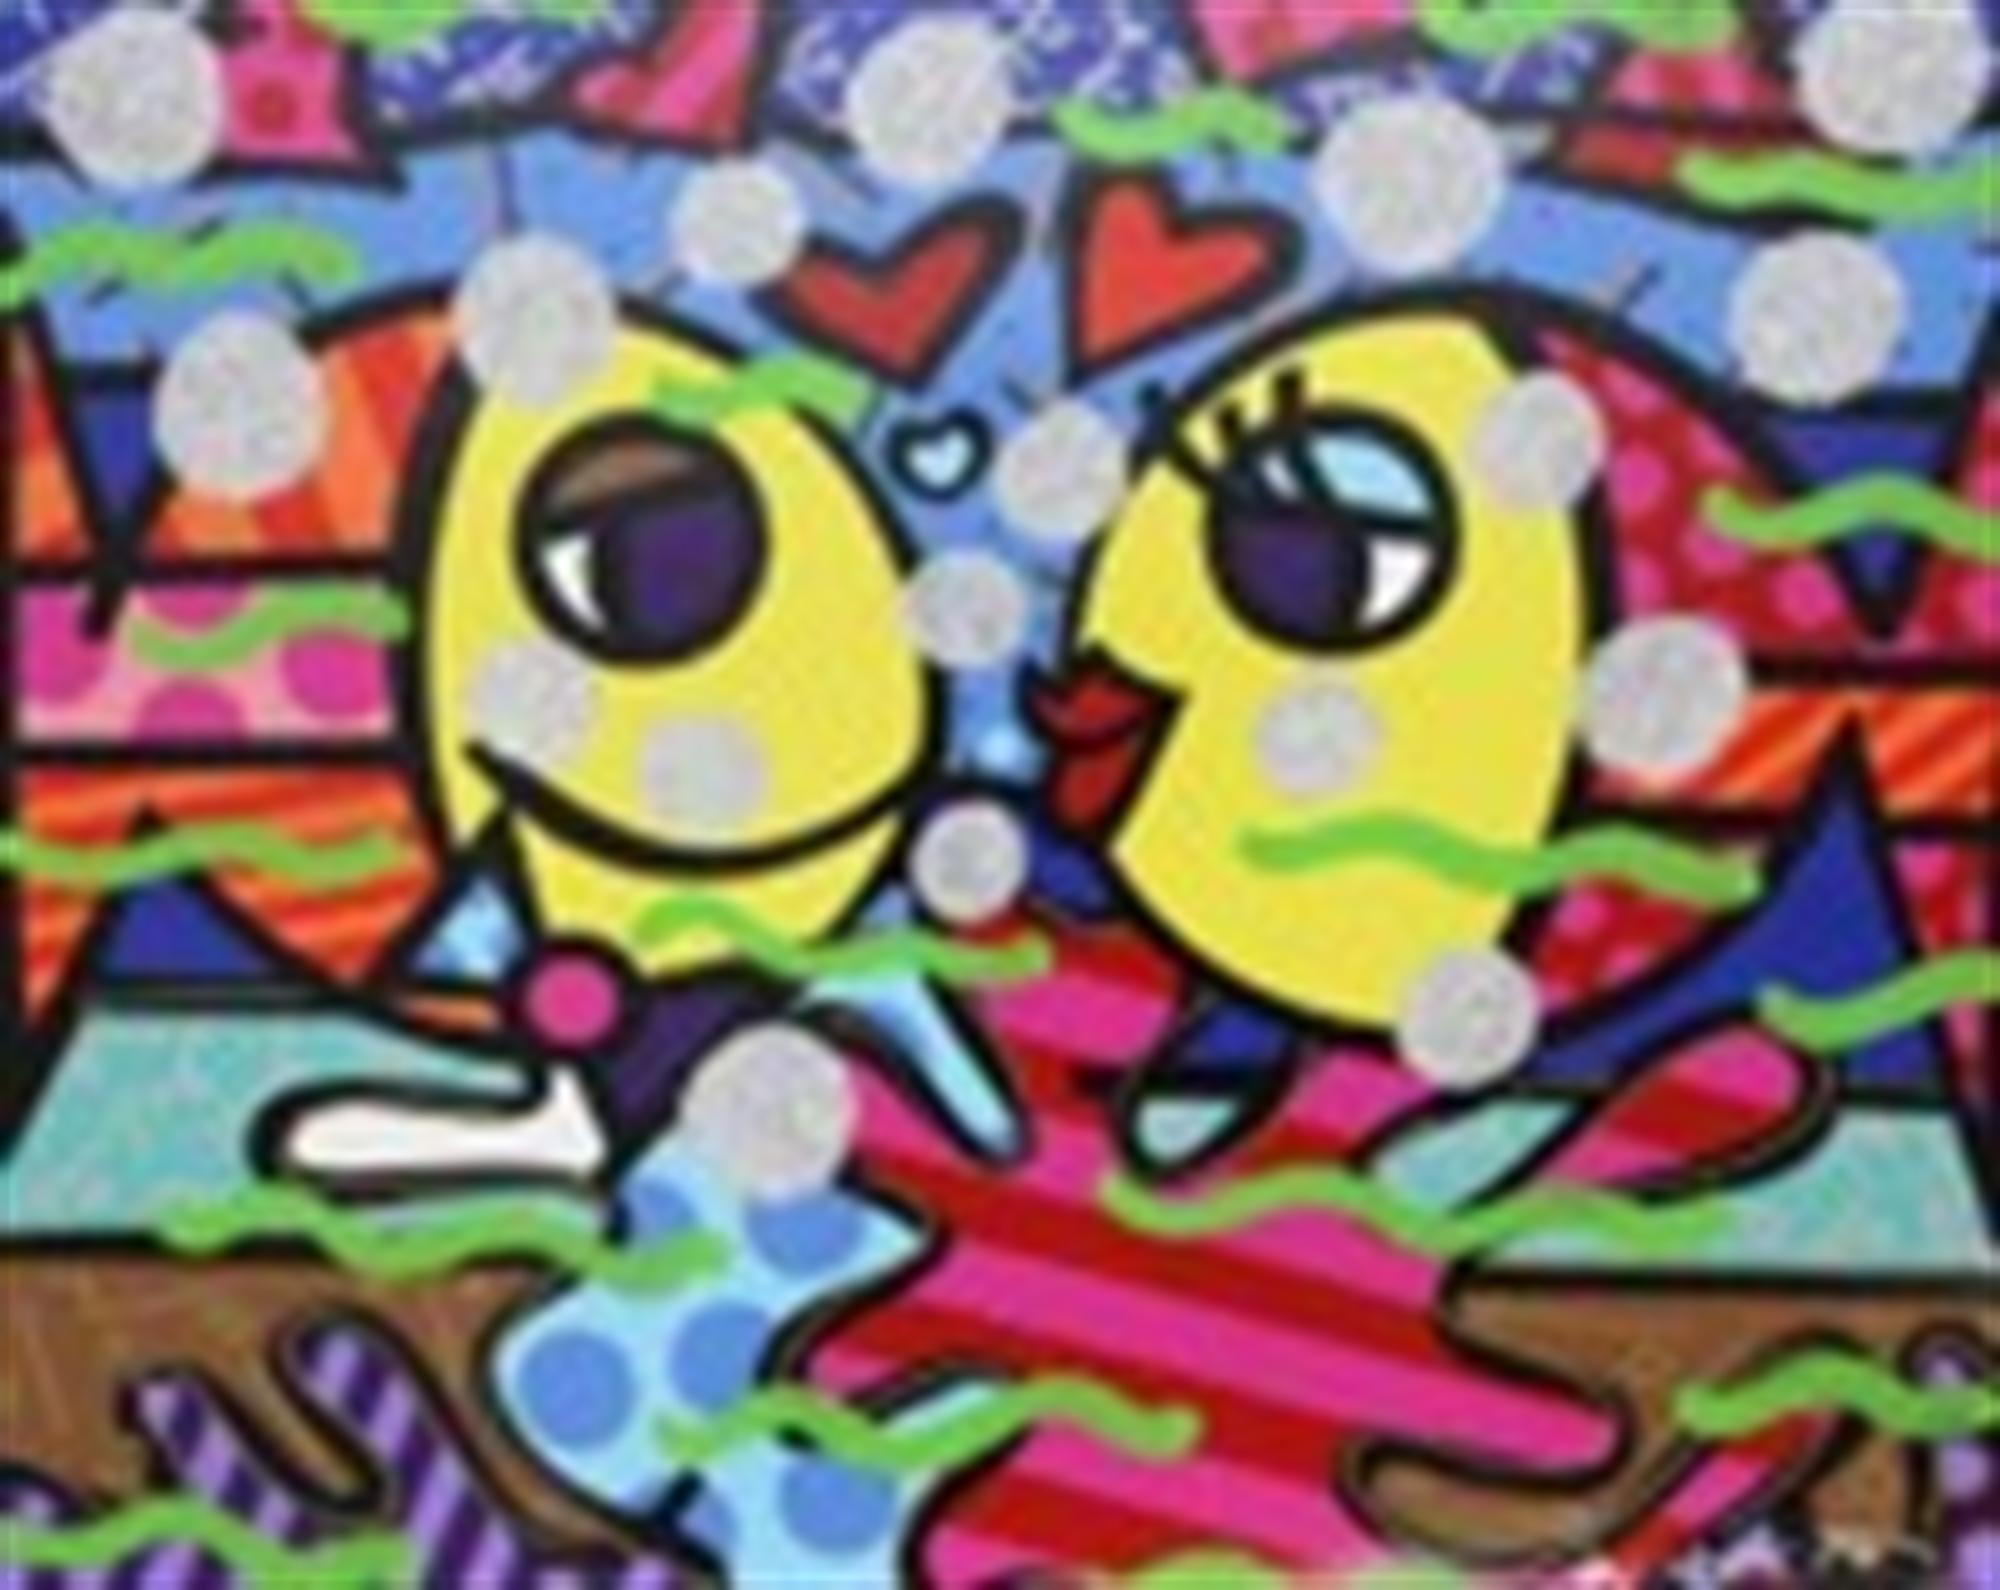 DEEP LOVE by Romero Britto